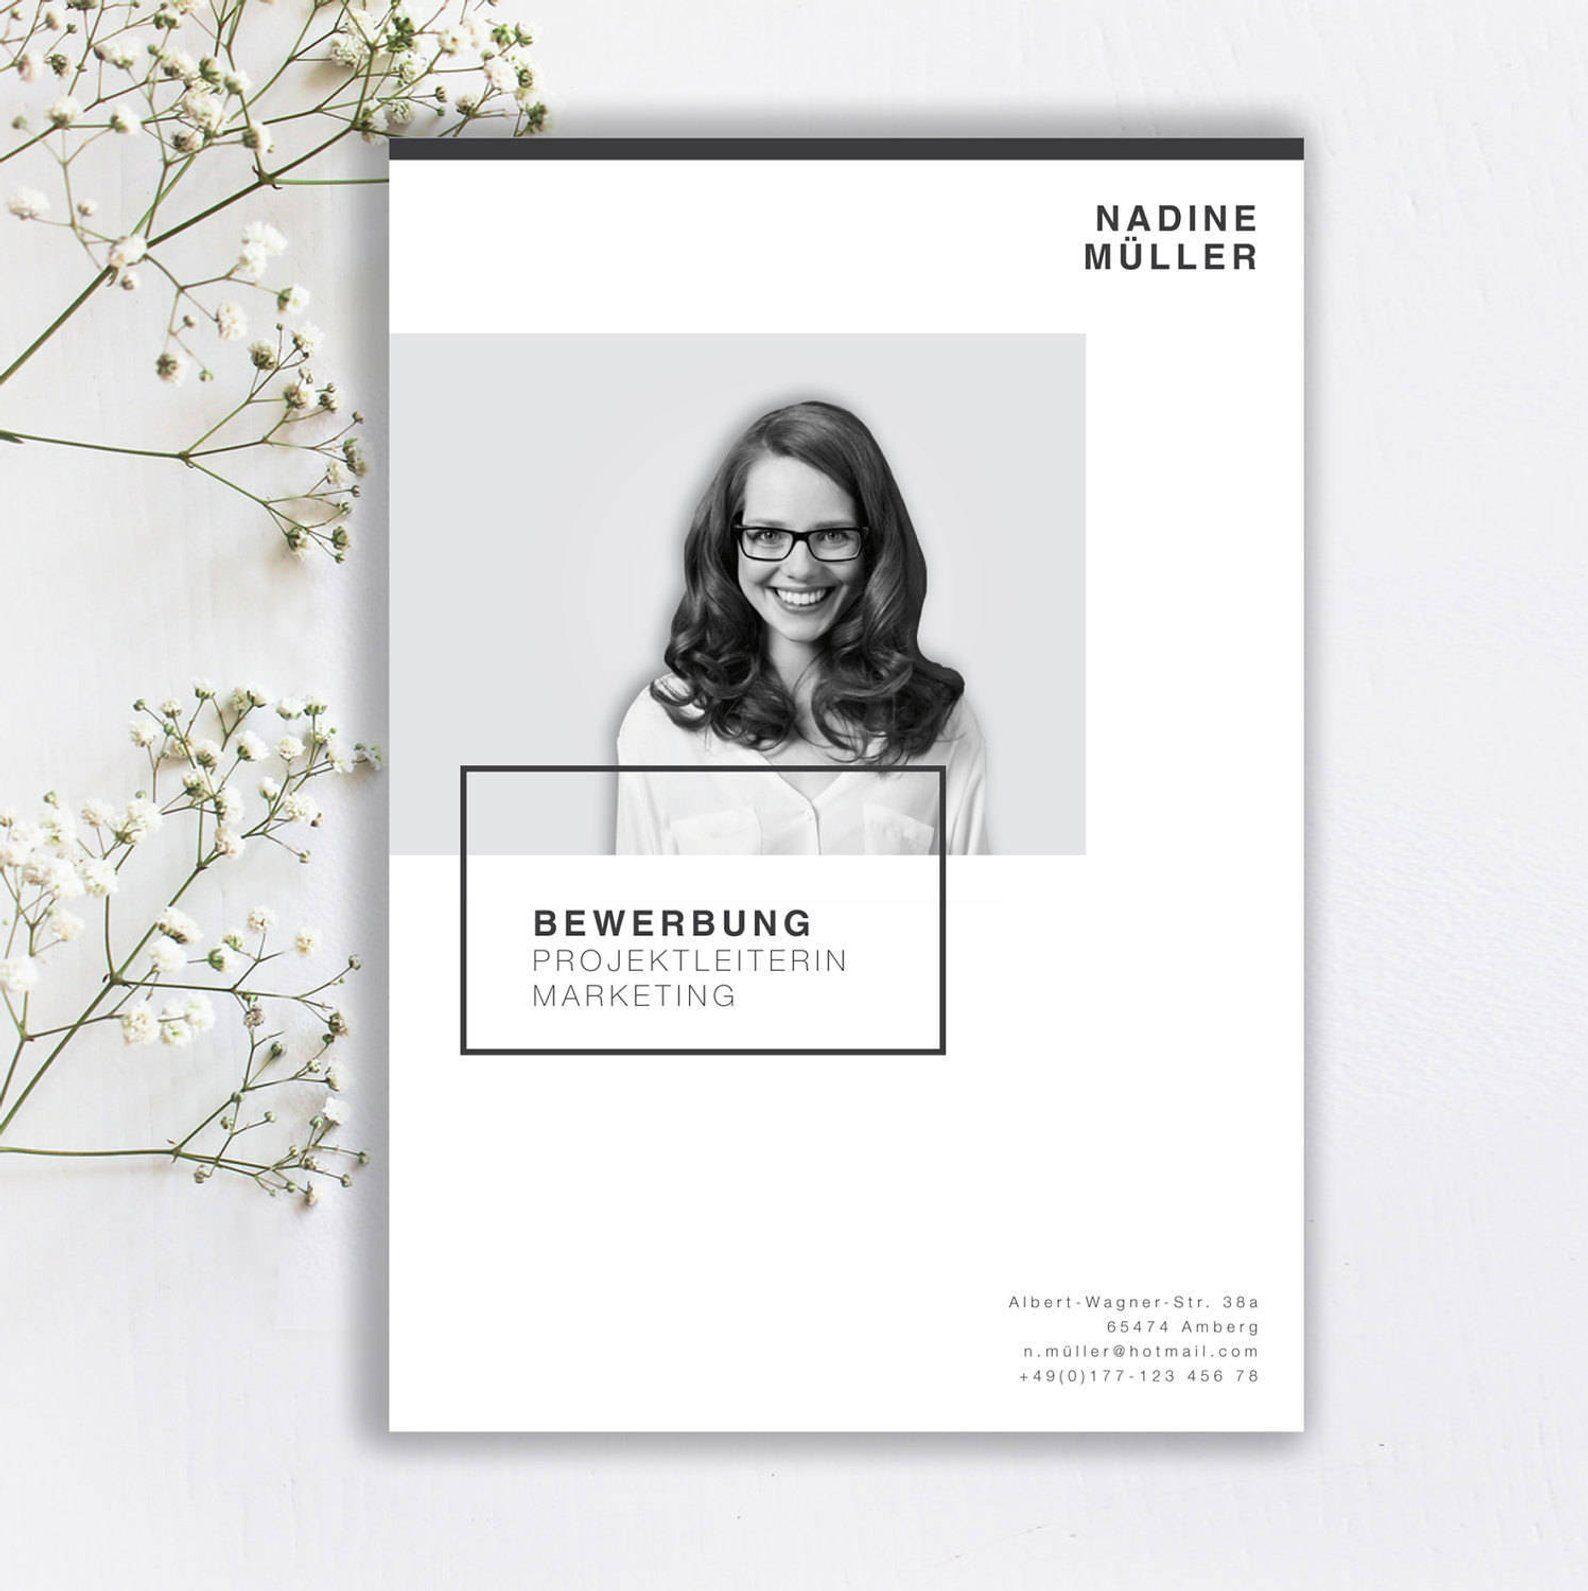 Bewerbungsvorlage Minimal Style In Der Farbe Cream Beige Etsy Cv Template Resume Design Template Creative Cv